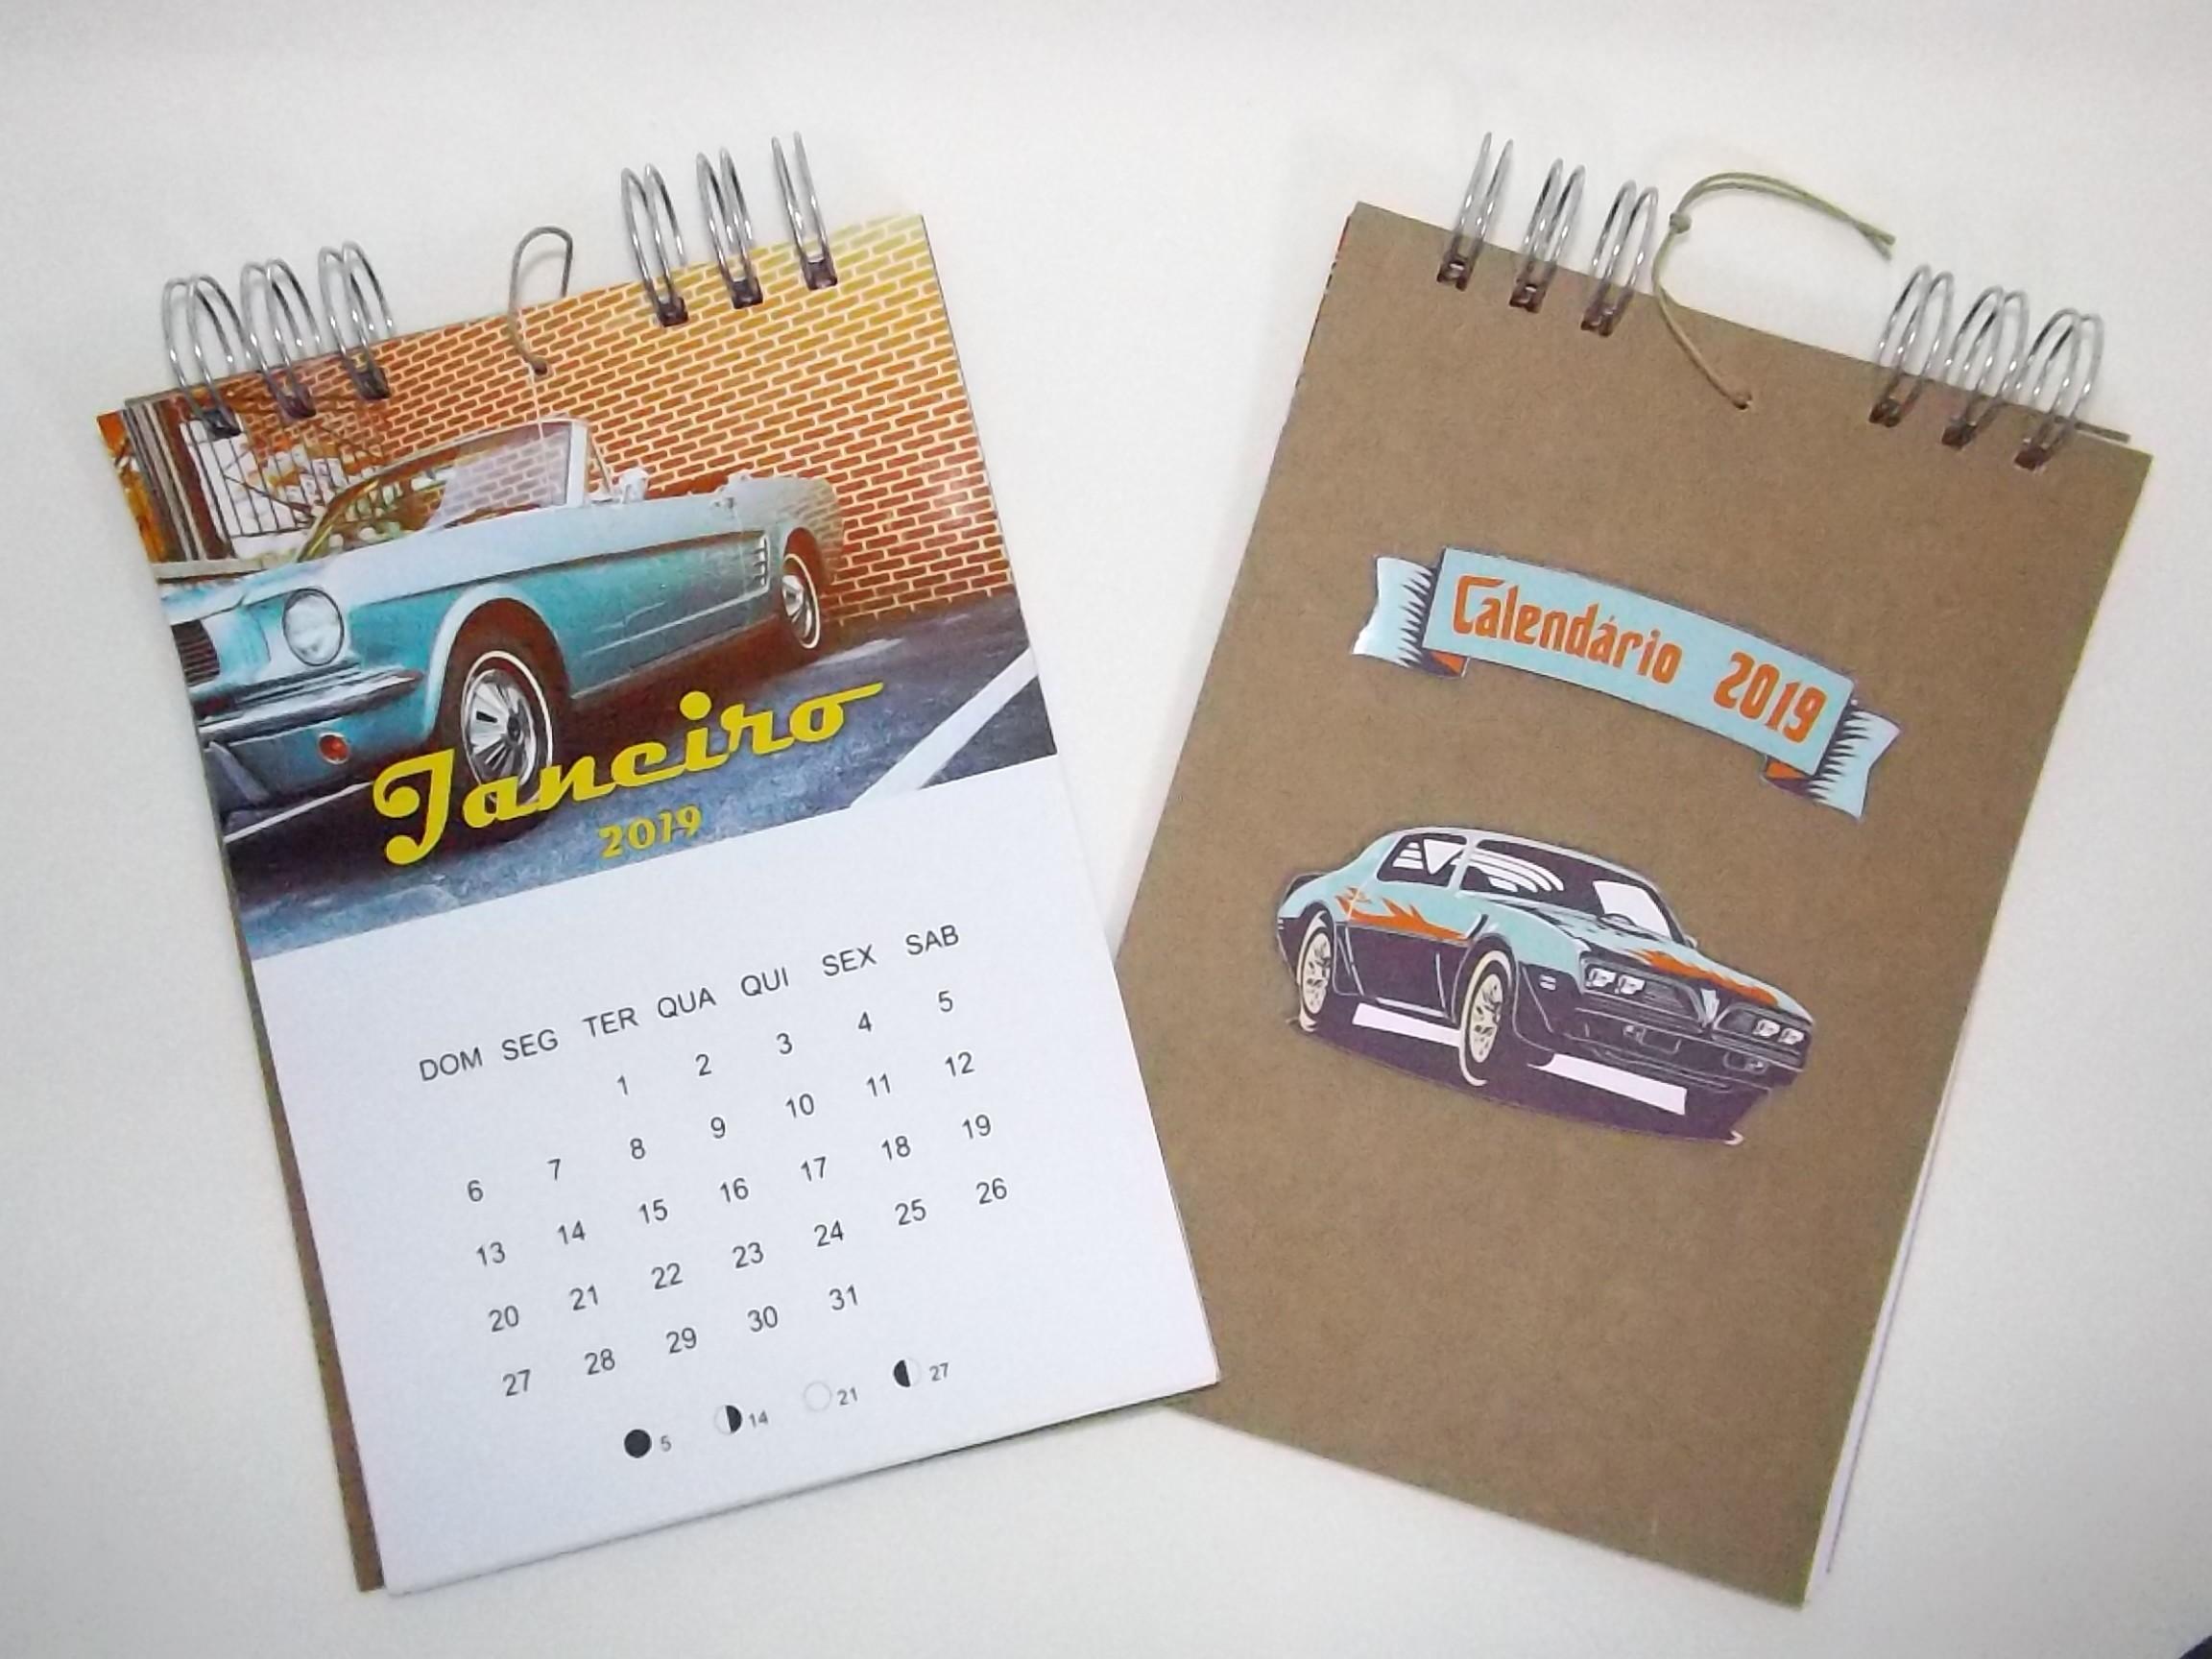 Calendario Fevereiro 2019 Para Imprimir Com Feriados Más Arriba-a-fecha Calendário 2019